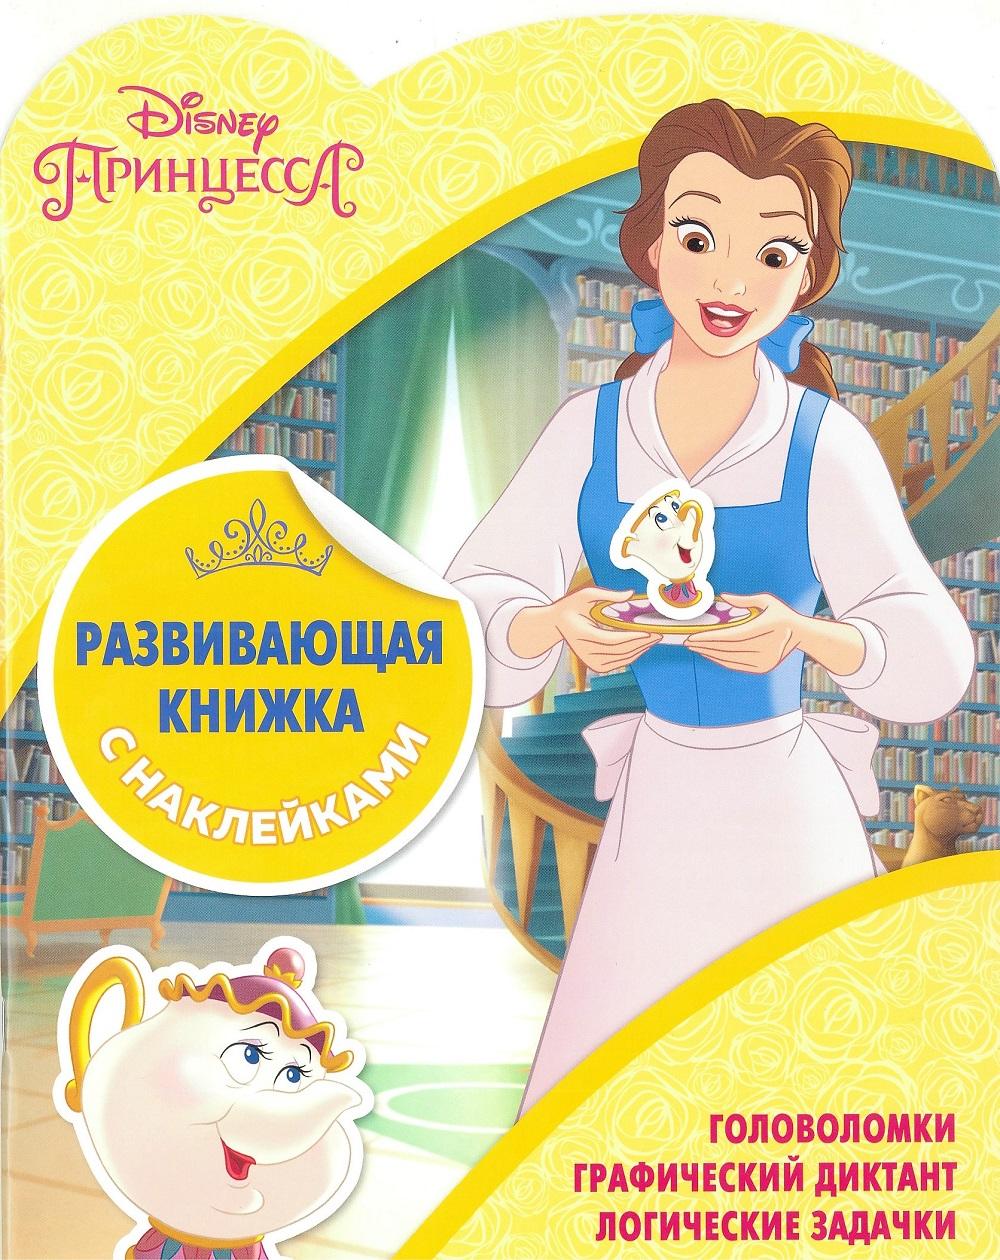 Принцессы Disney. КСН № 1801. Развивающая книжка с наклейками пименова т ред принцессы disney ксн 1801 развивающая книжка с наклейками